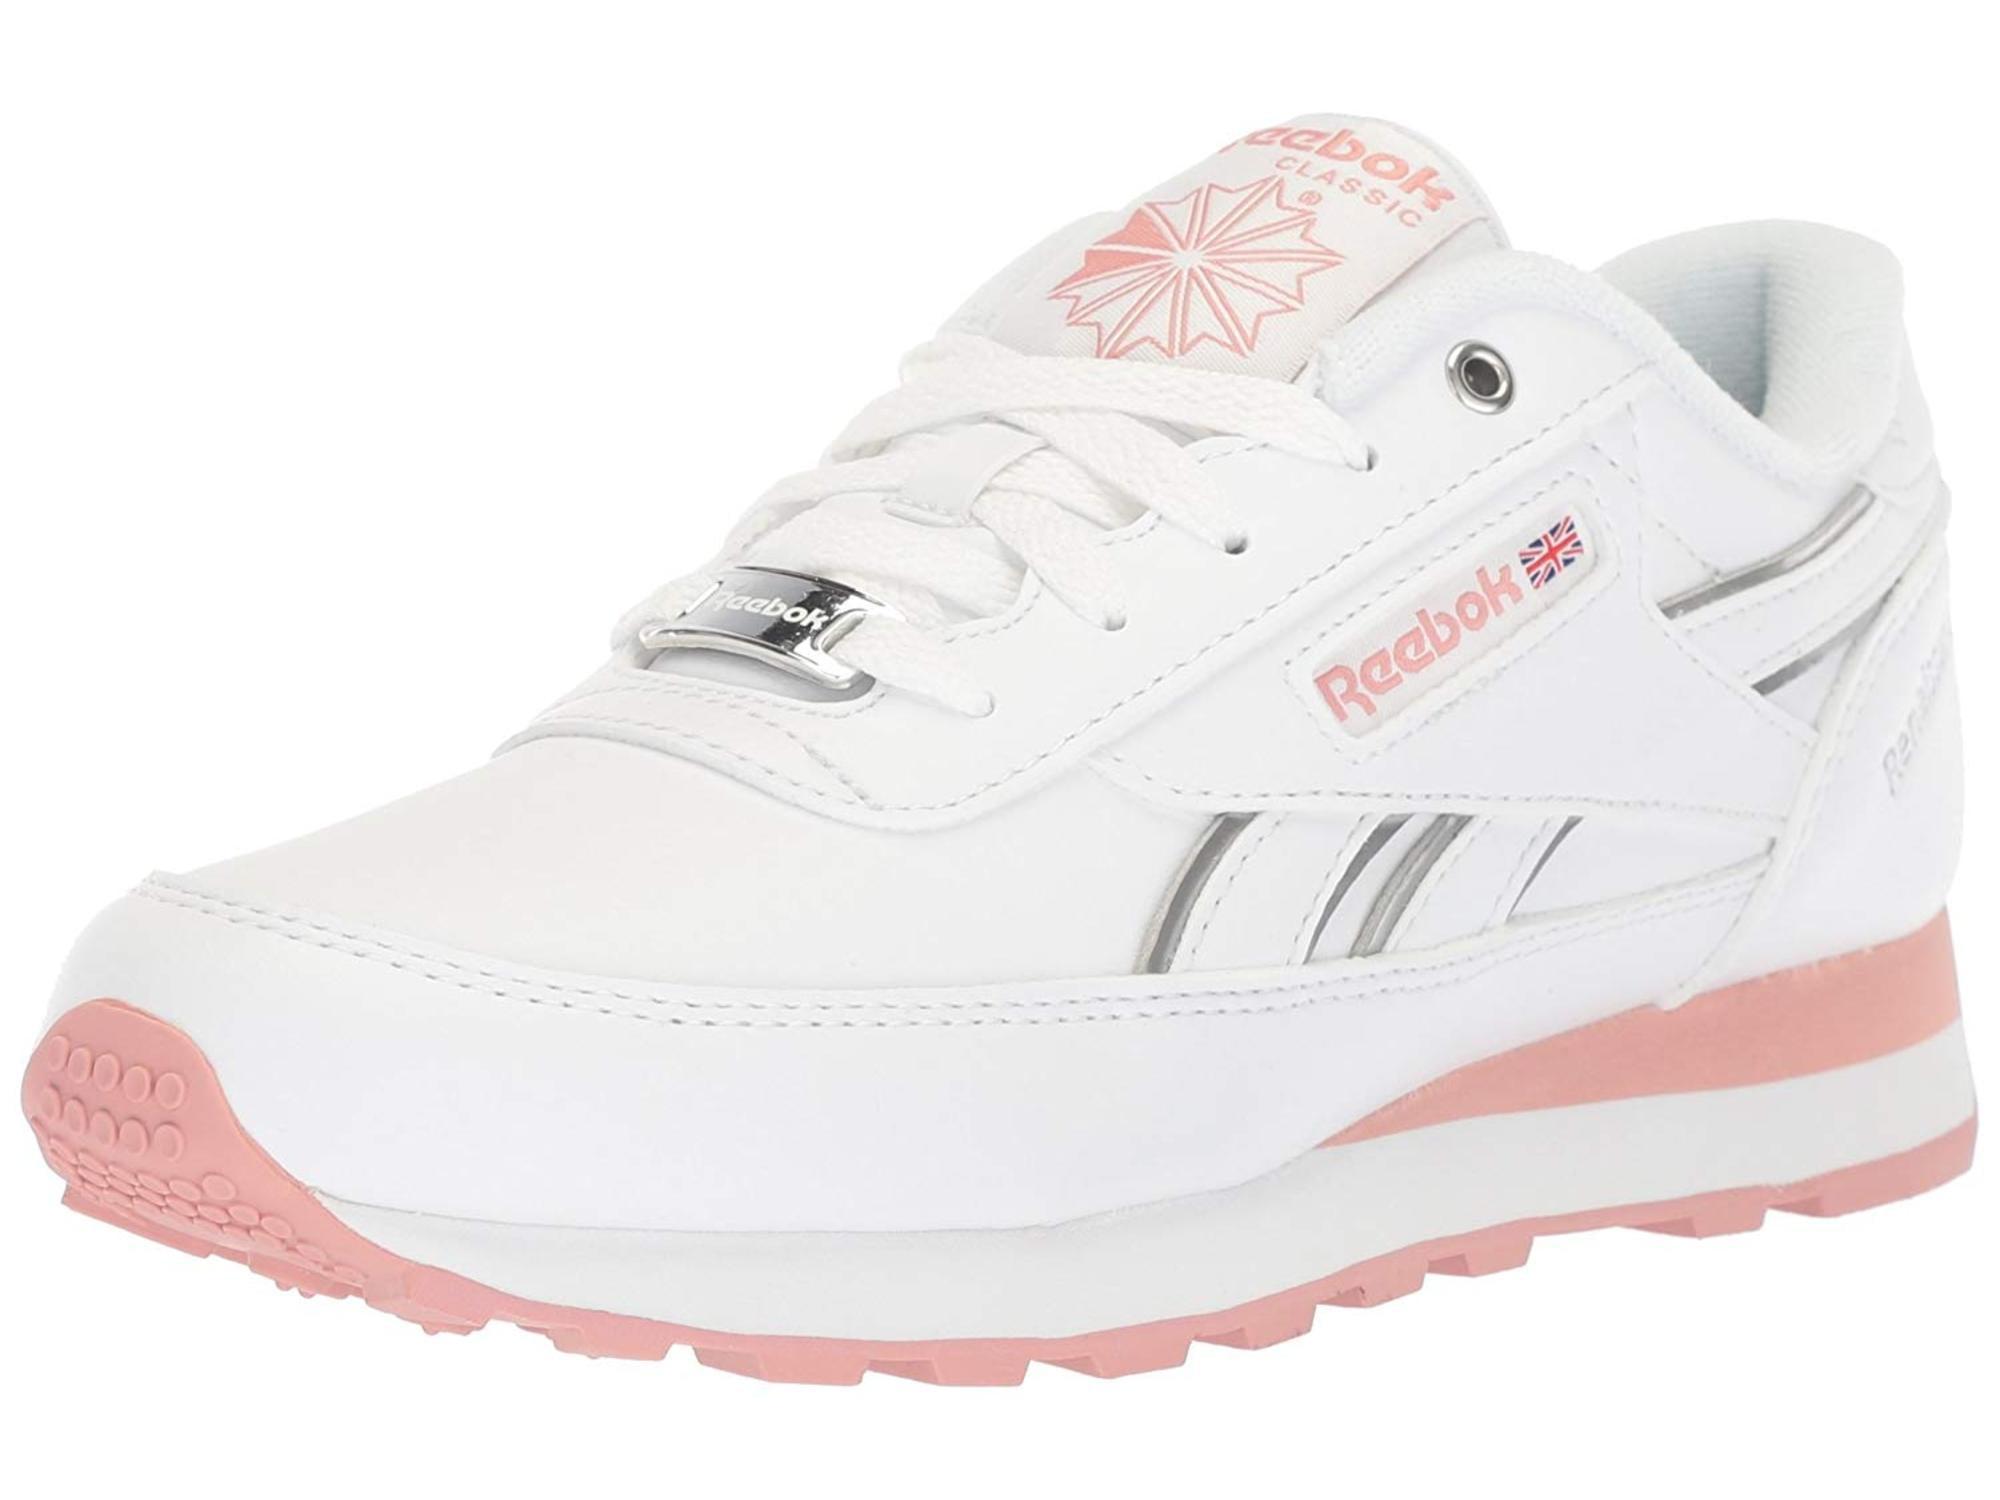 White/Chalk Pink/Silver, Size 8.0